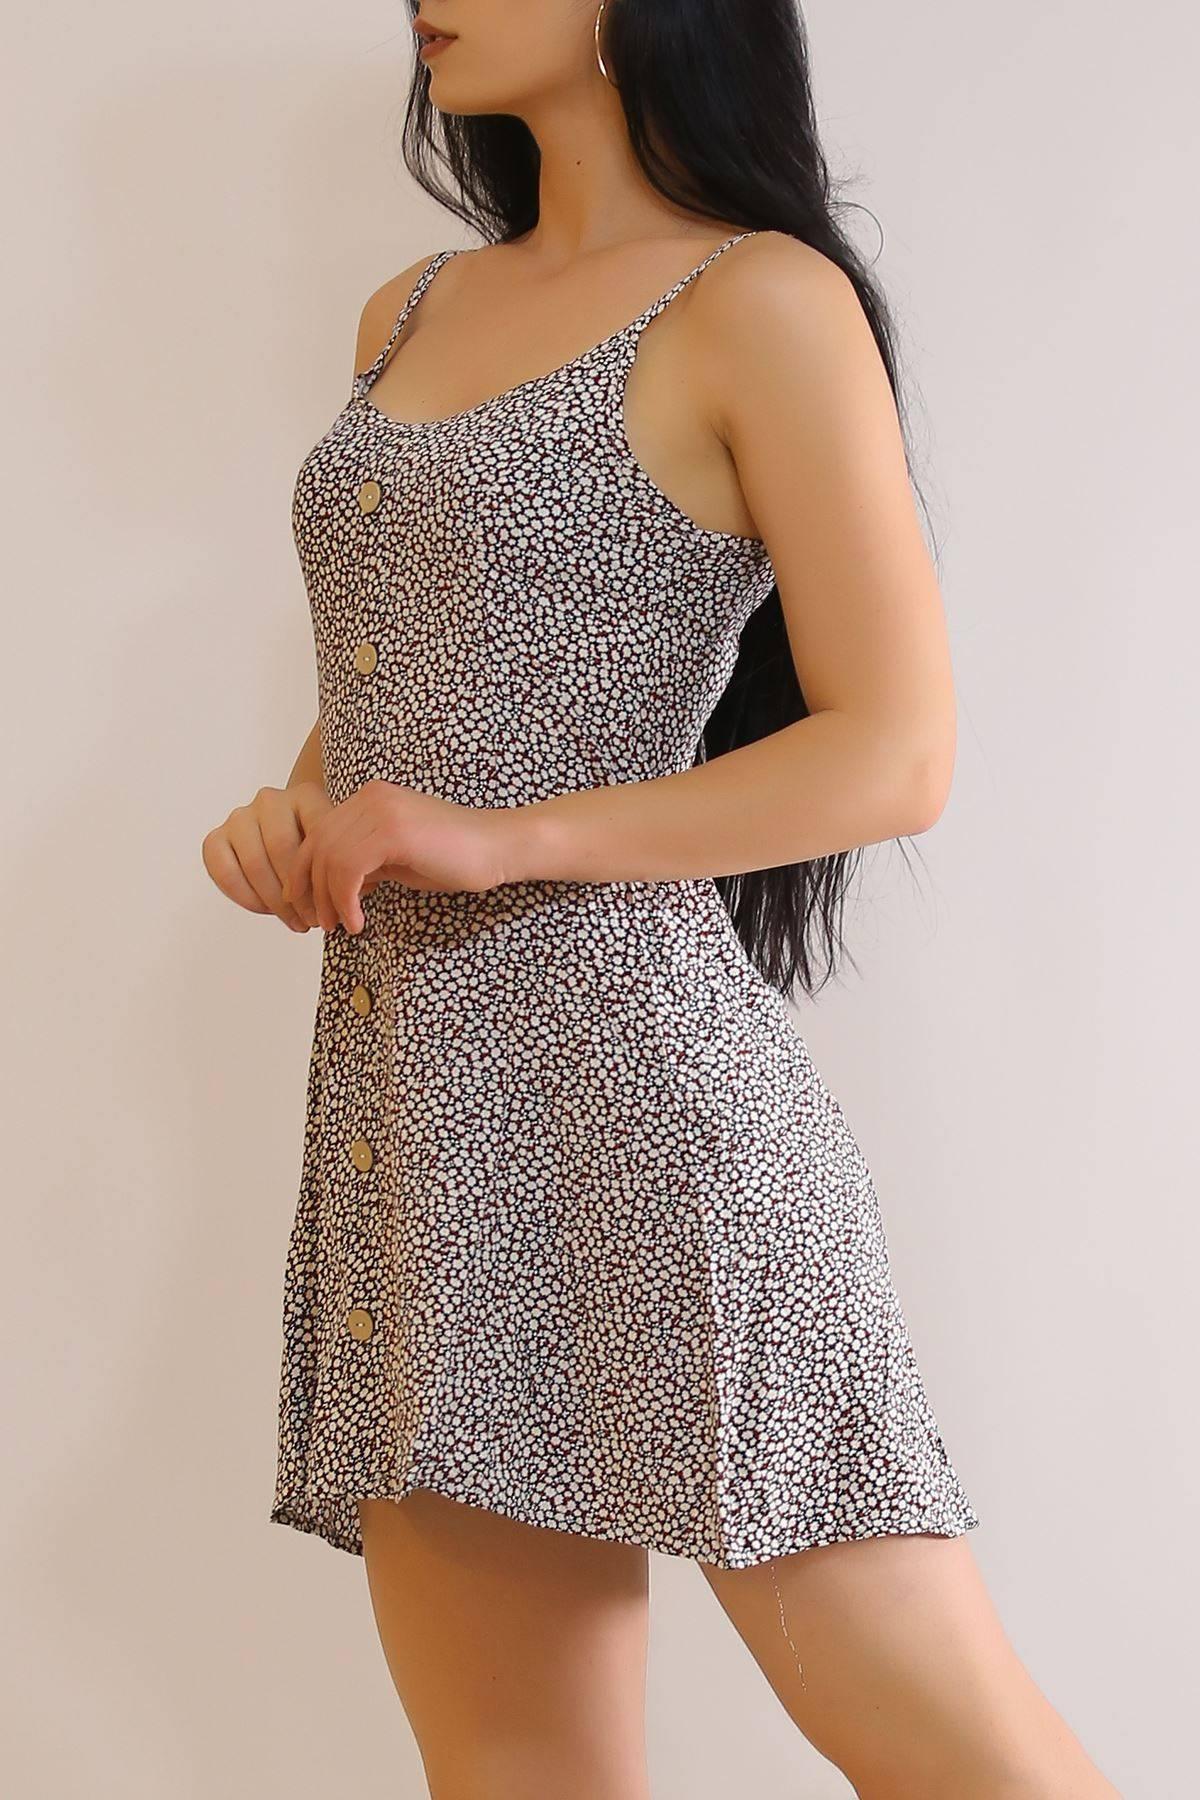 İp Askılı Elbise Siyah - 6079.1153.